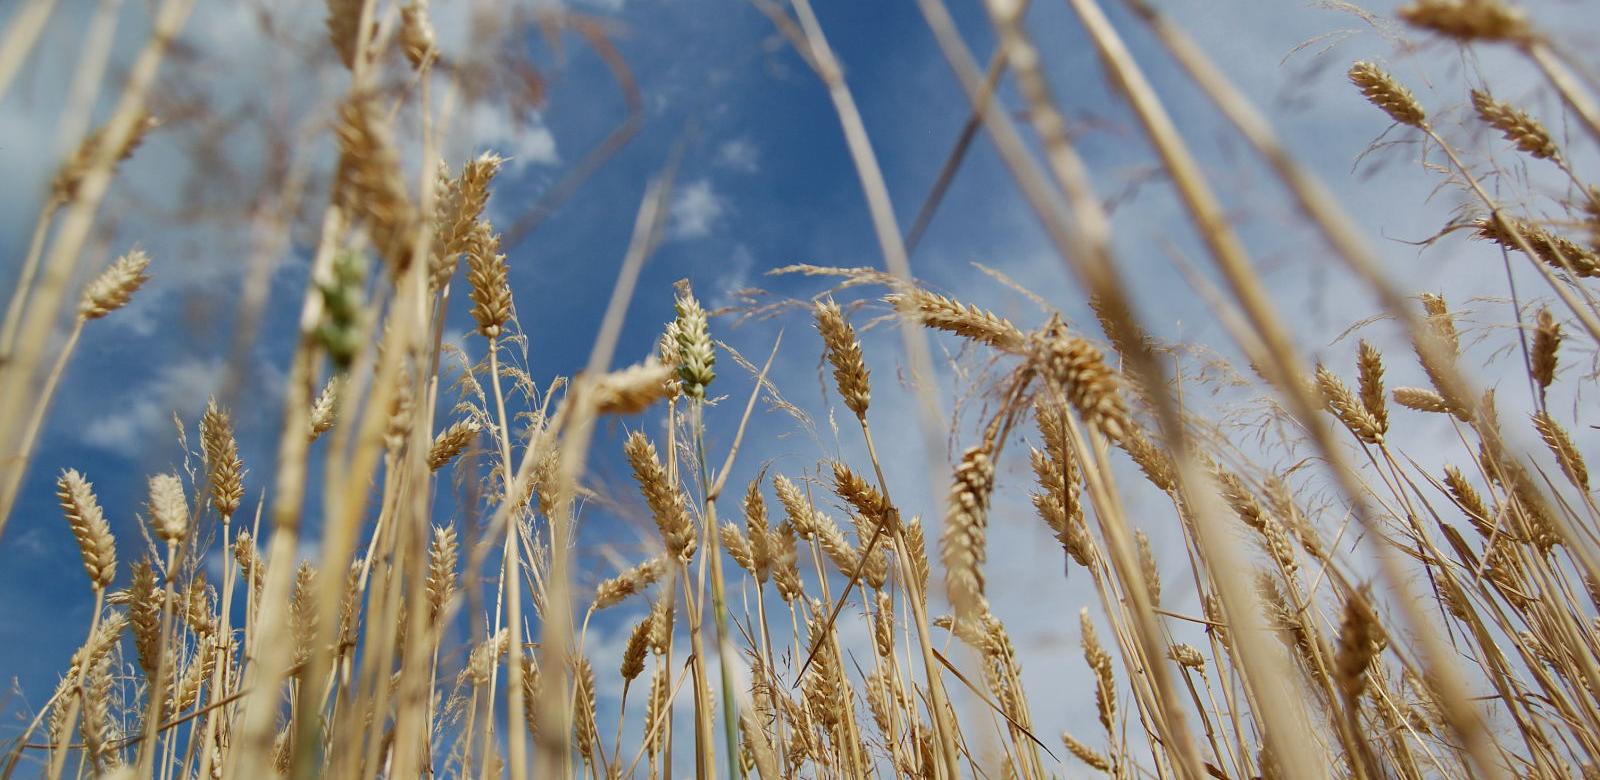 L'Algérie enregistre une production de céréales de 3,5 millions de tonnes en 2017